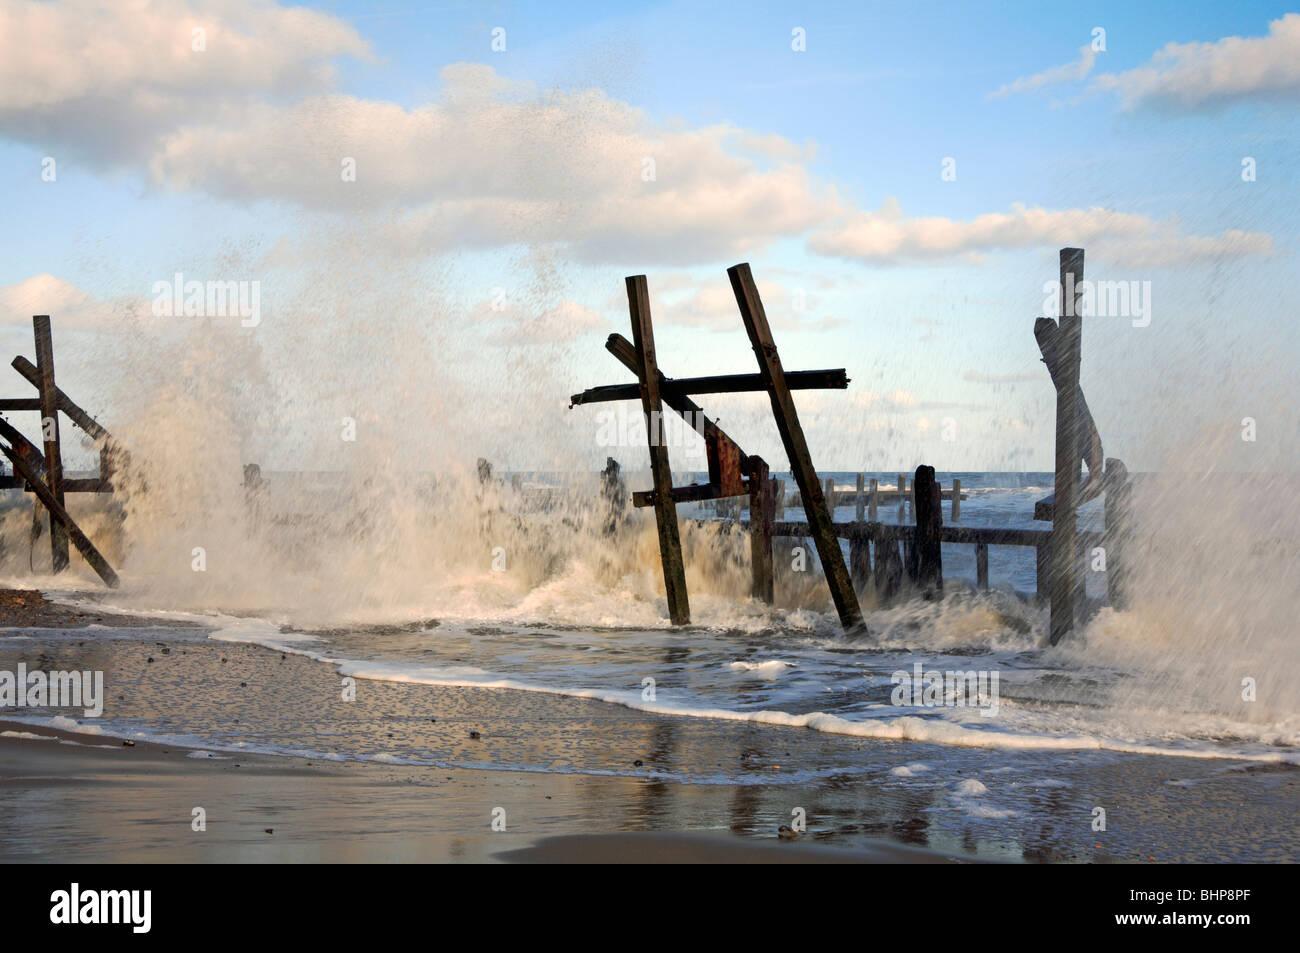 Waves pounding abandoned breakwaters at Happisburgh, Norfolk, United Kingdom. - Stock Image